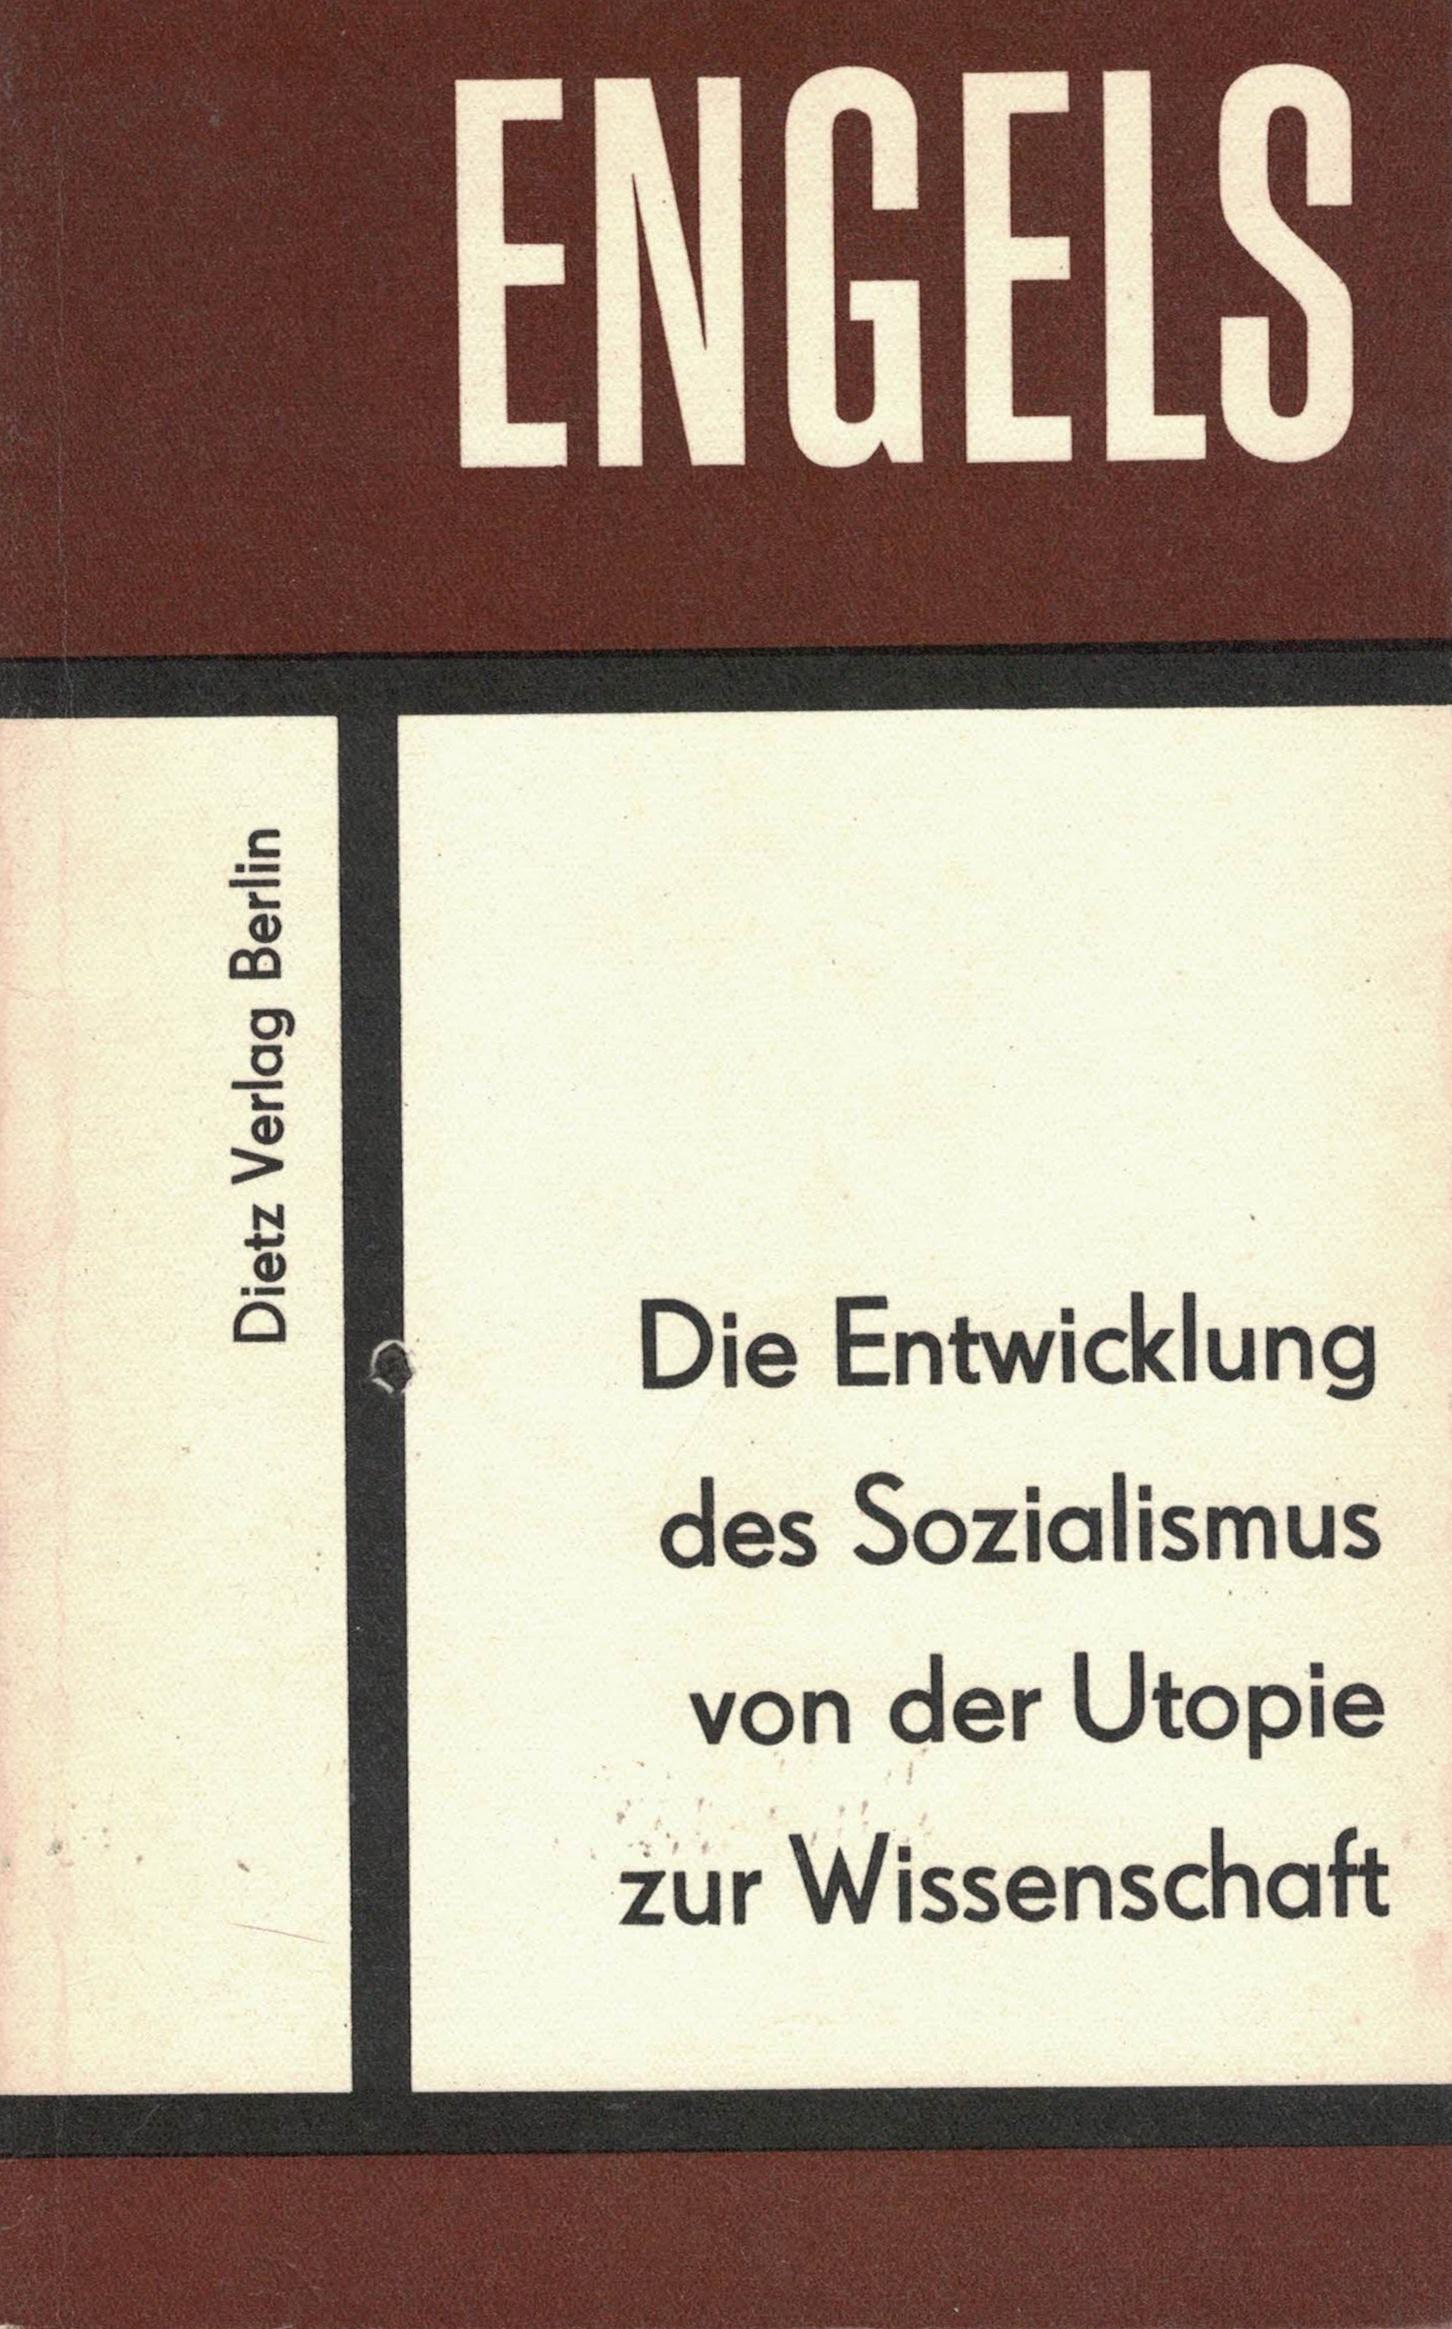 Friedrich Engels - Die Entwicklung des Sozialismus von der Utopie zur Wissenschaft